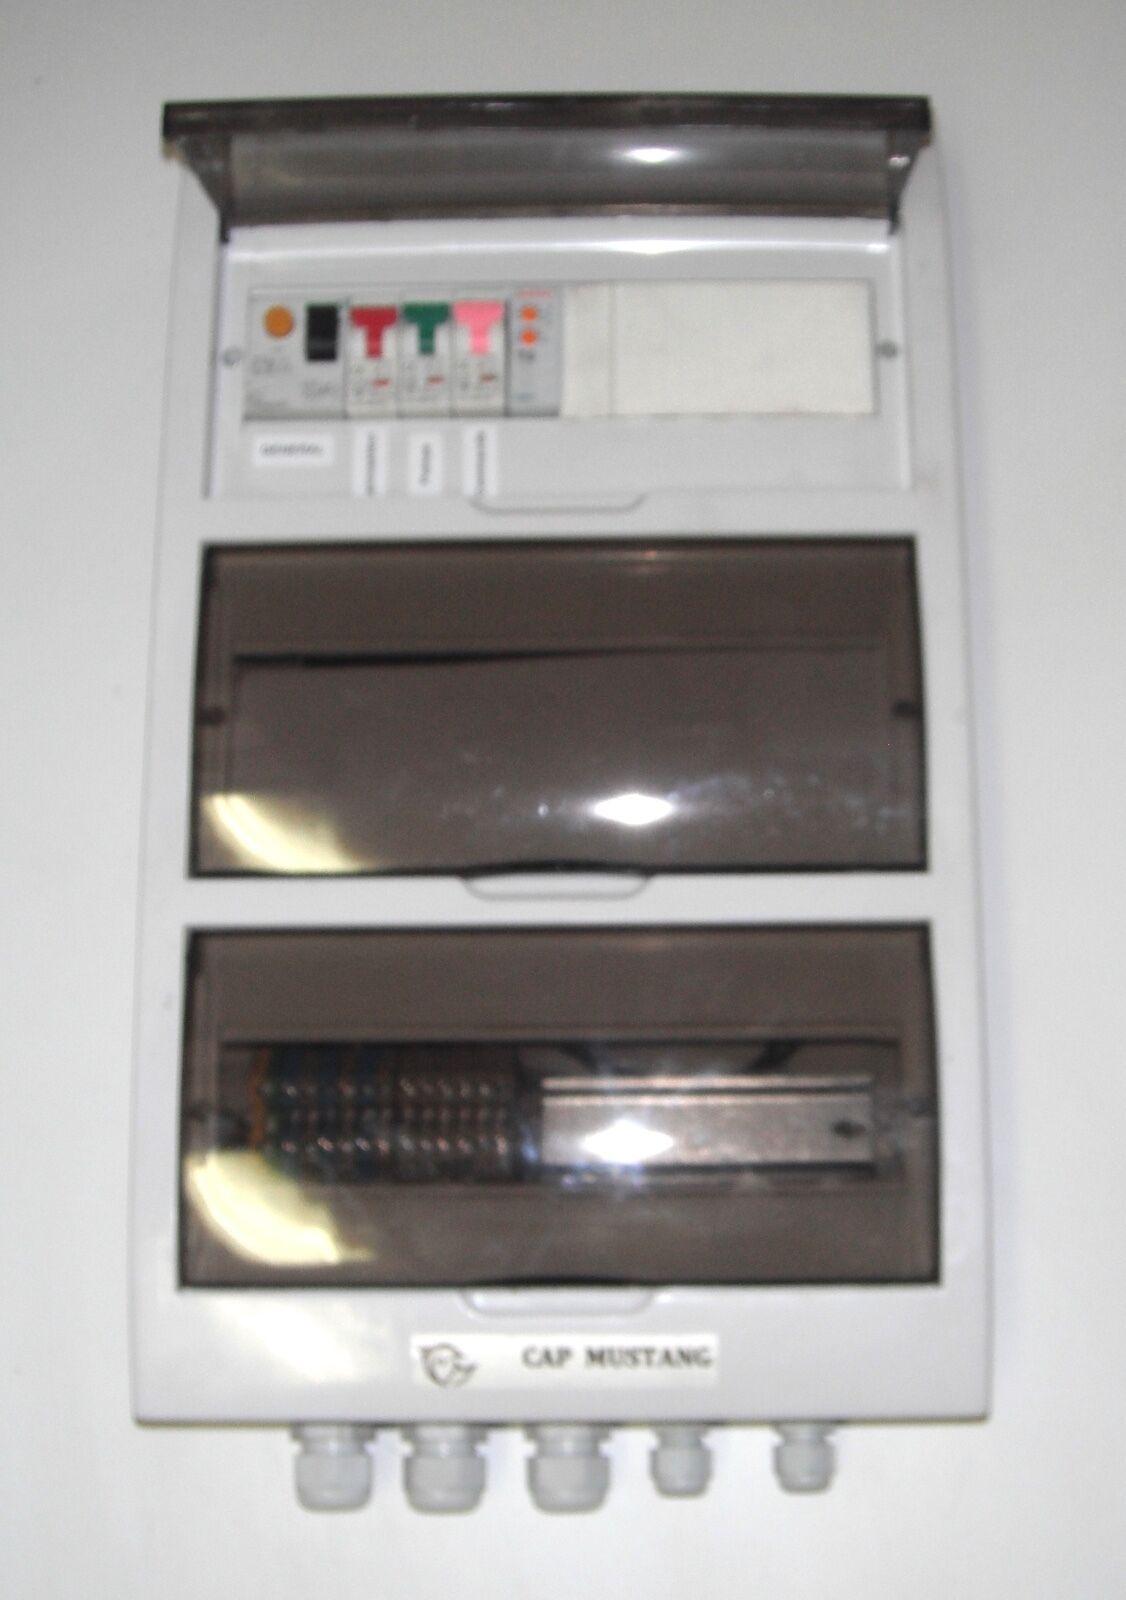 Wassermacher Umhang 230 Mustang Explorer 1100 watts 150litre/h 230 Umhang volts 37e1f7